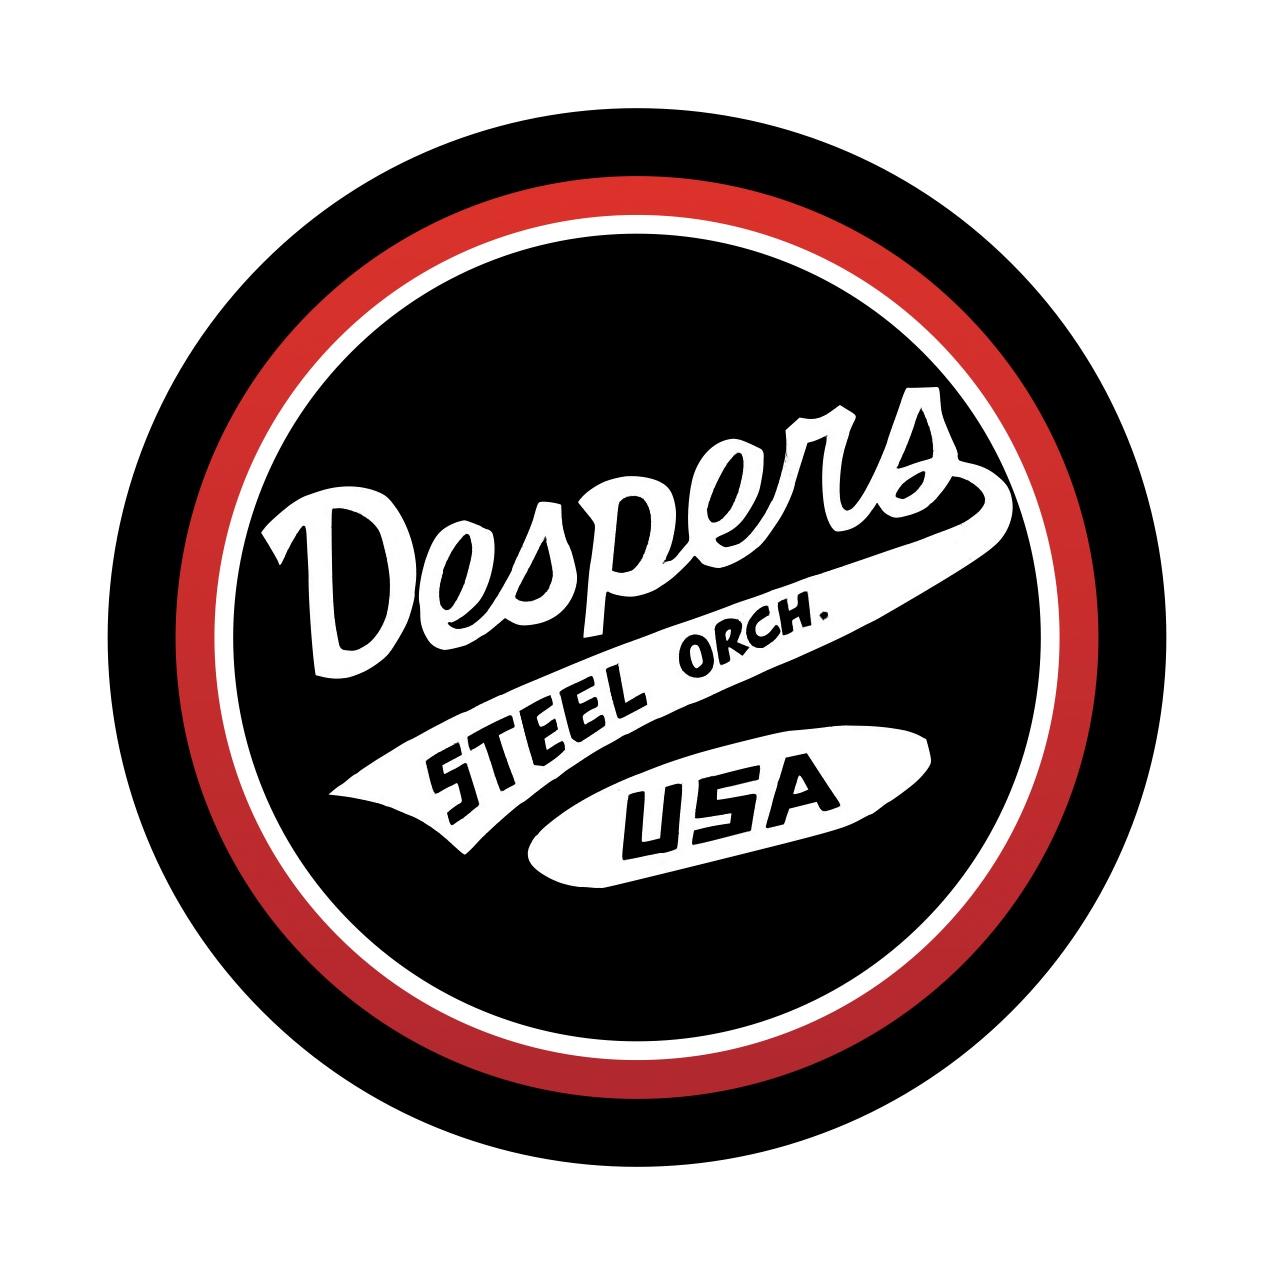 despers logo new black n white red.jpg